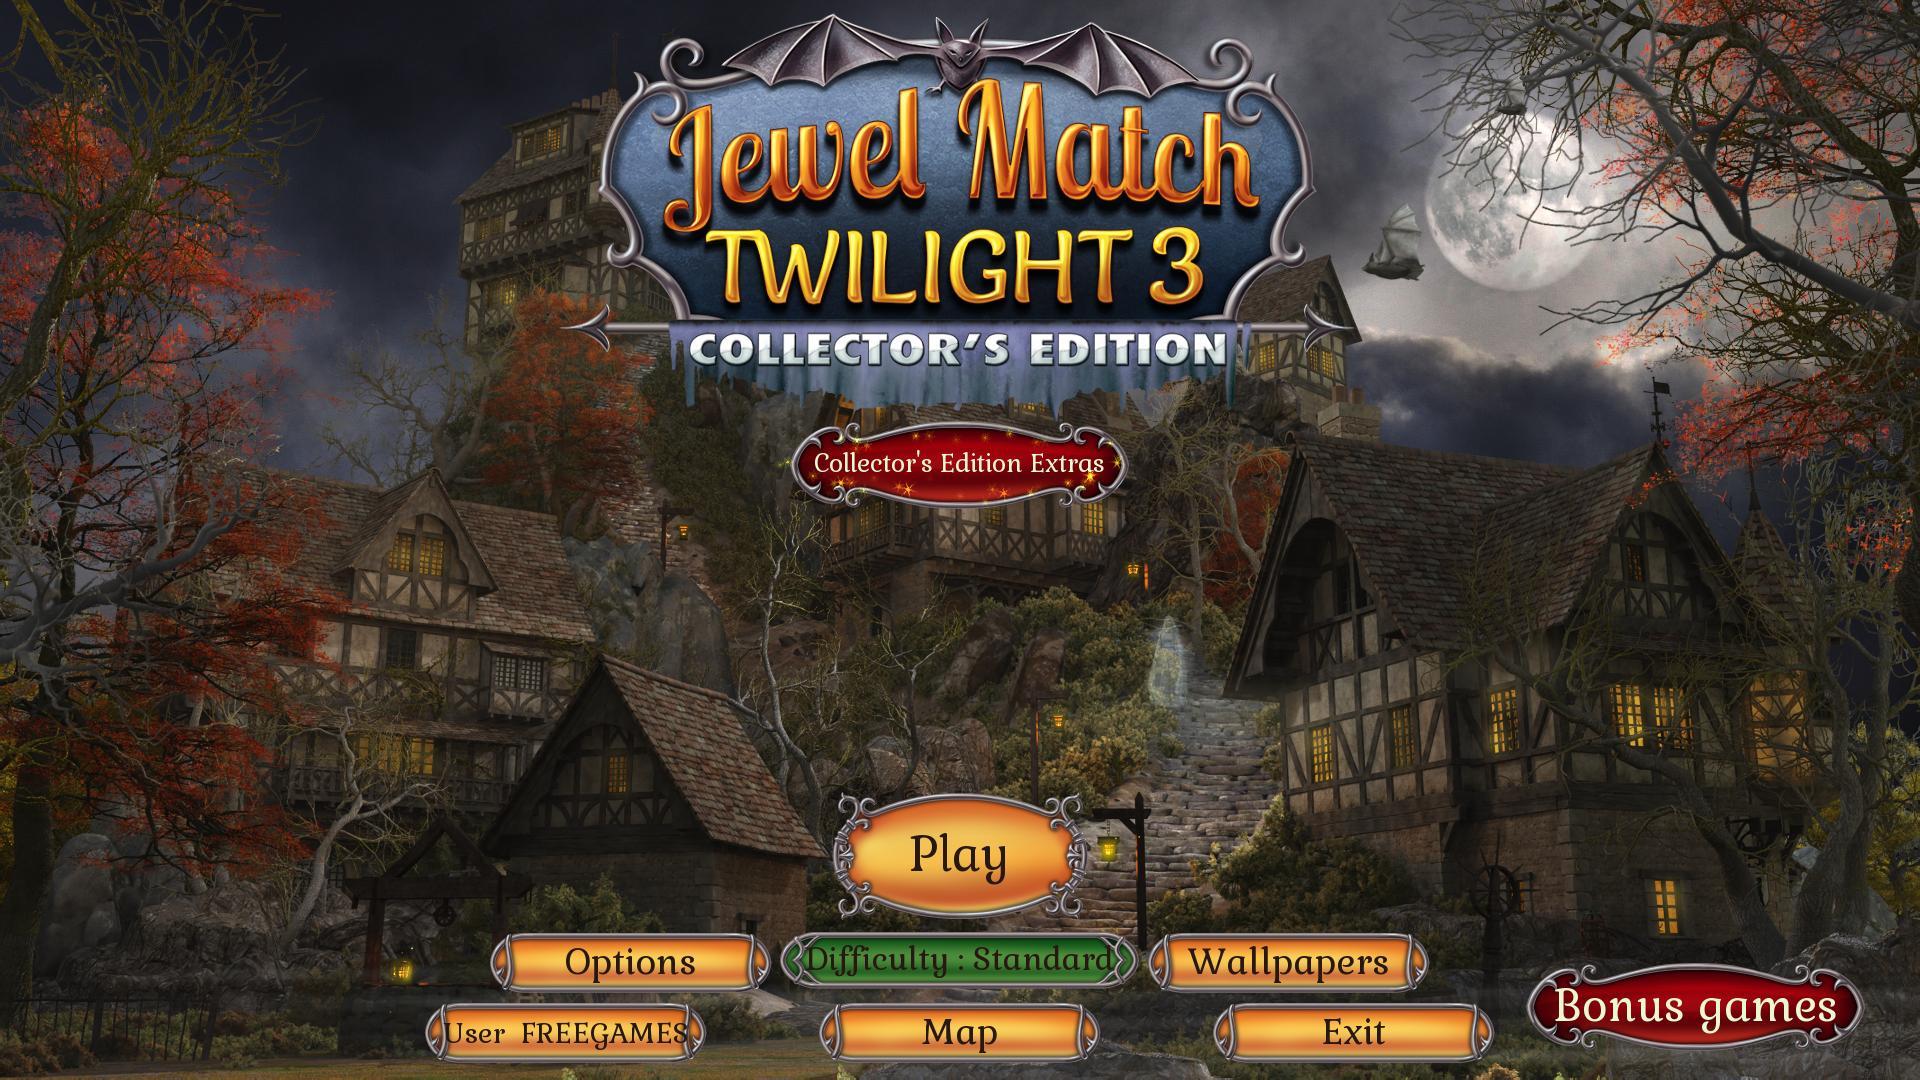 Джевел Матч Сумерки 3. Коллекционное издание | Jewel Match Twilight 3 CE (En)